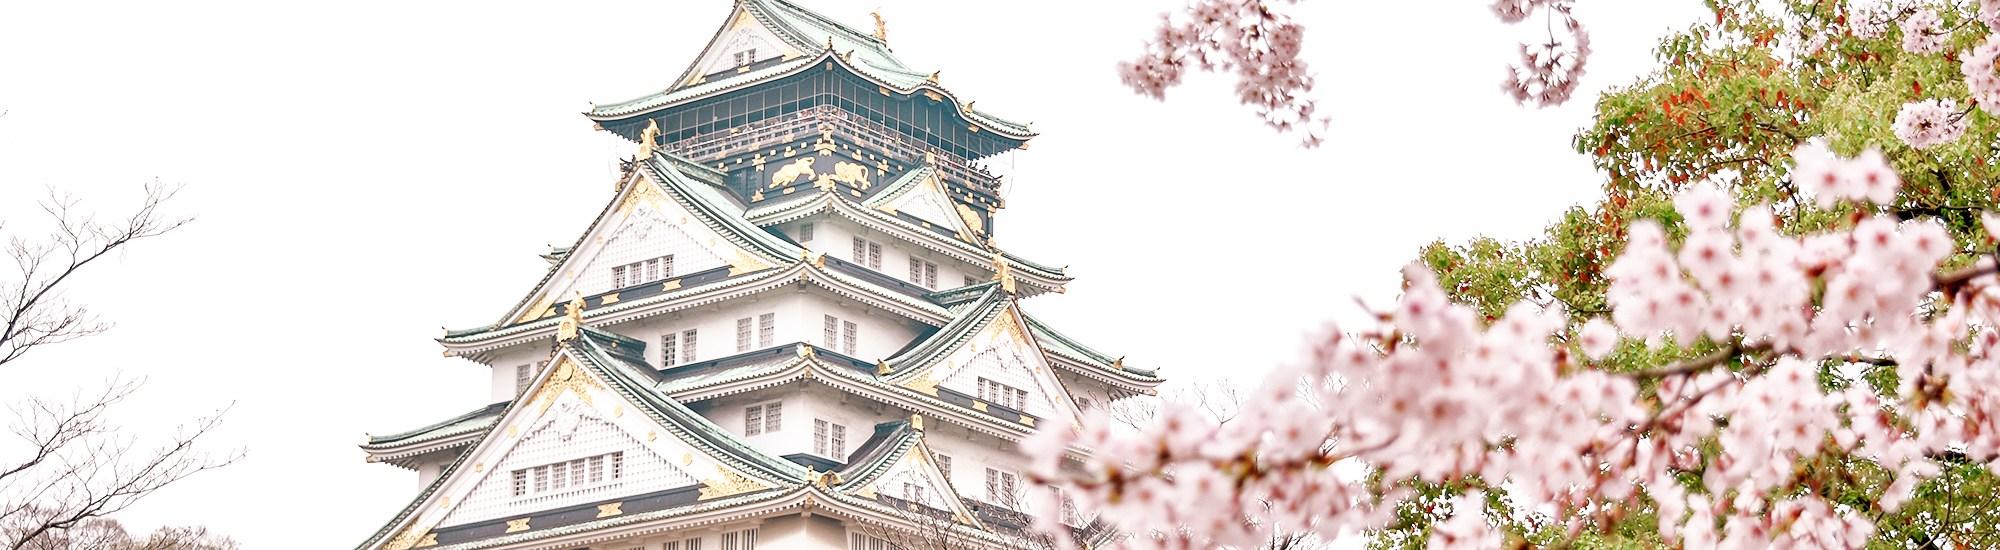 Spring in Osaka, Kyoto and Nara (Part 2 of Japan Trip)